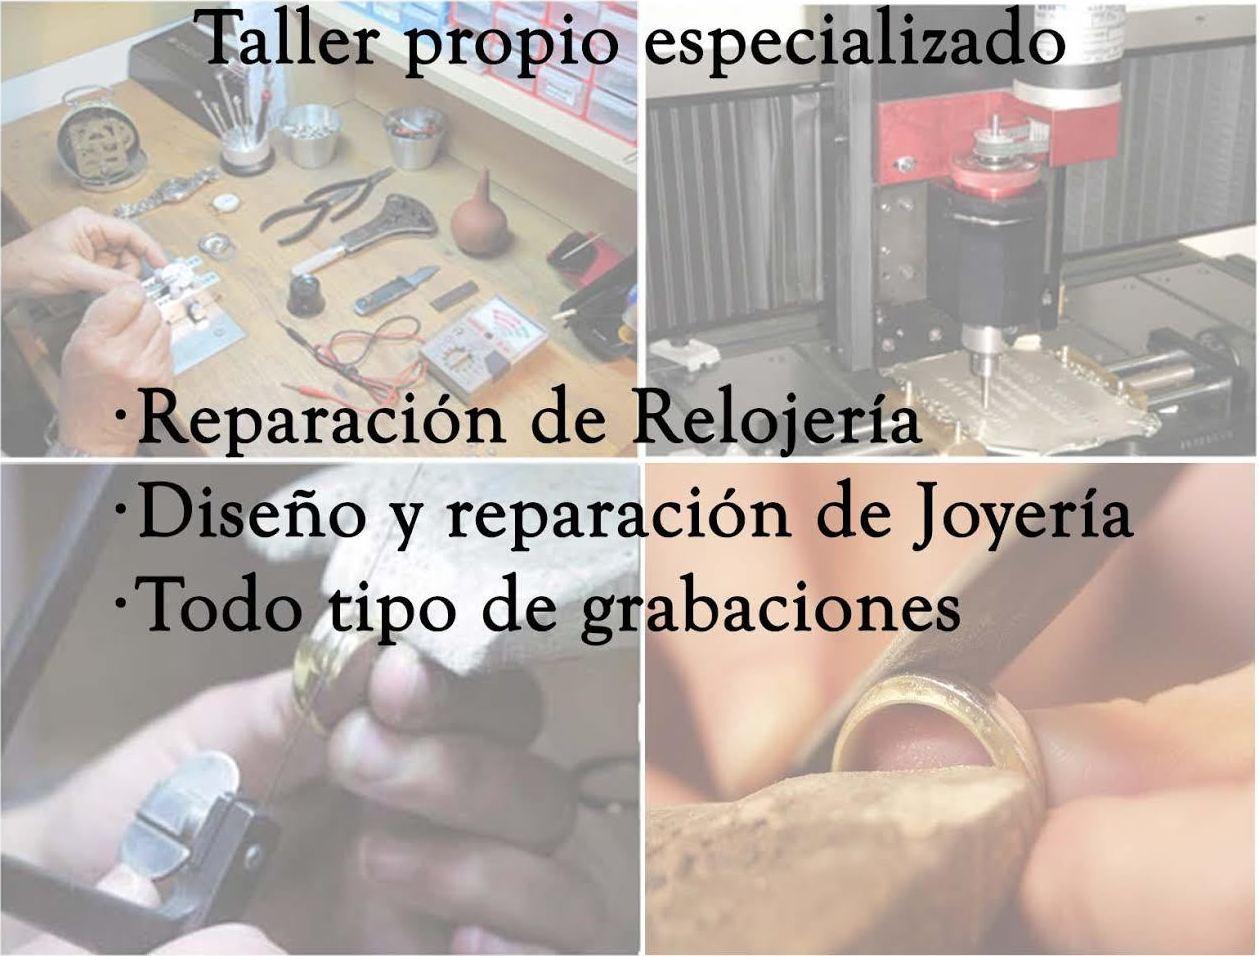 Reparación de relojería